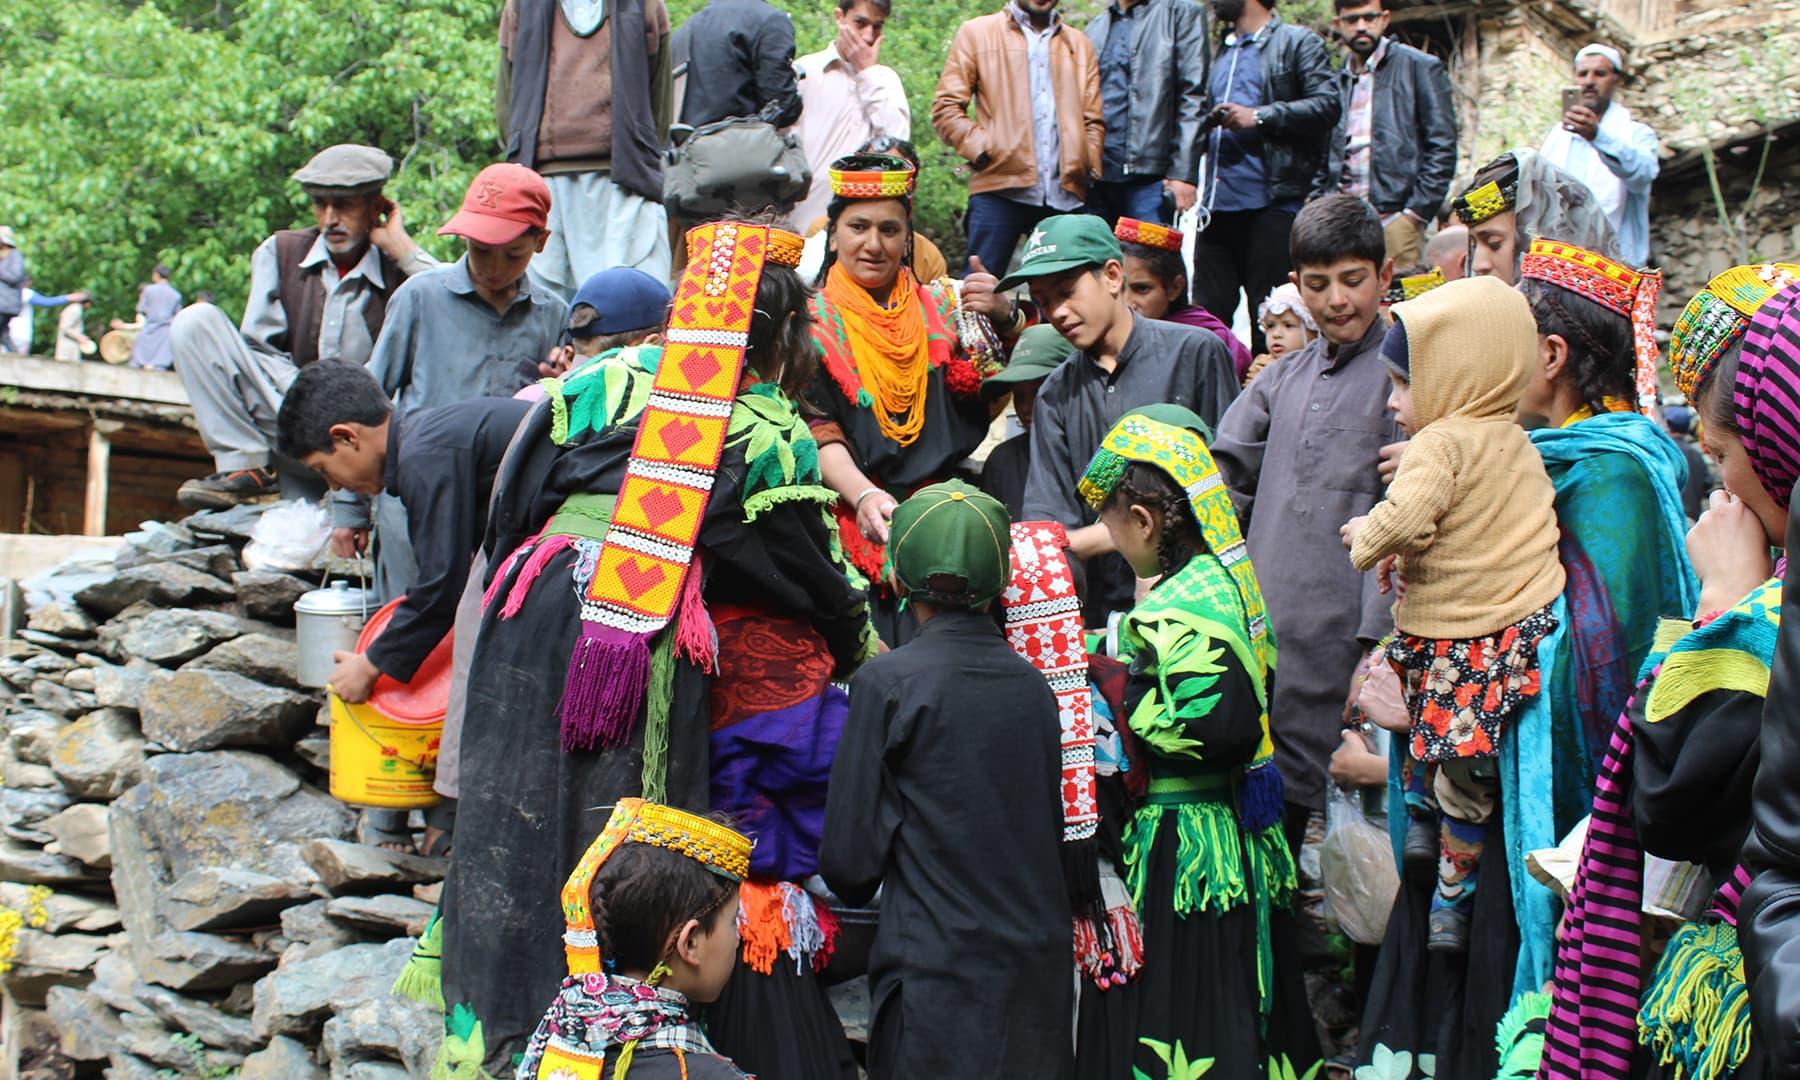 ایک اندازے کے مطابق  کیلاش قبیلے کی آبادی 4 ہزار 200 نفوس پر مشتمل ہے—عظمت اکبر